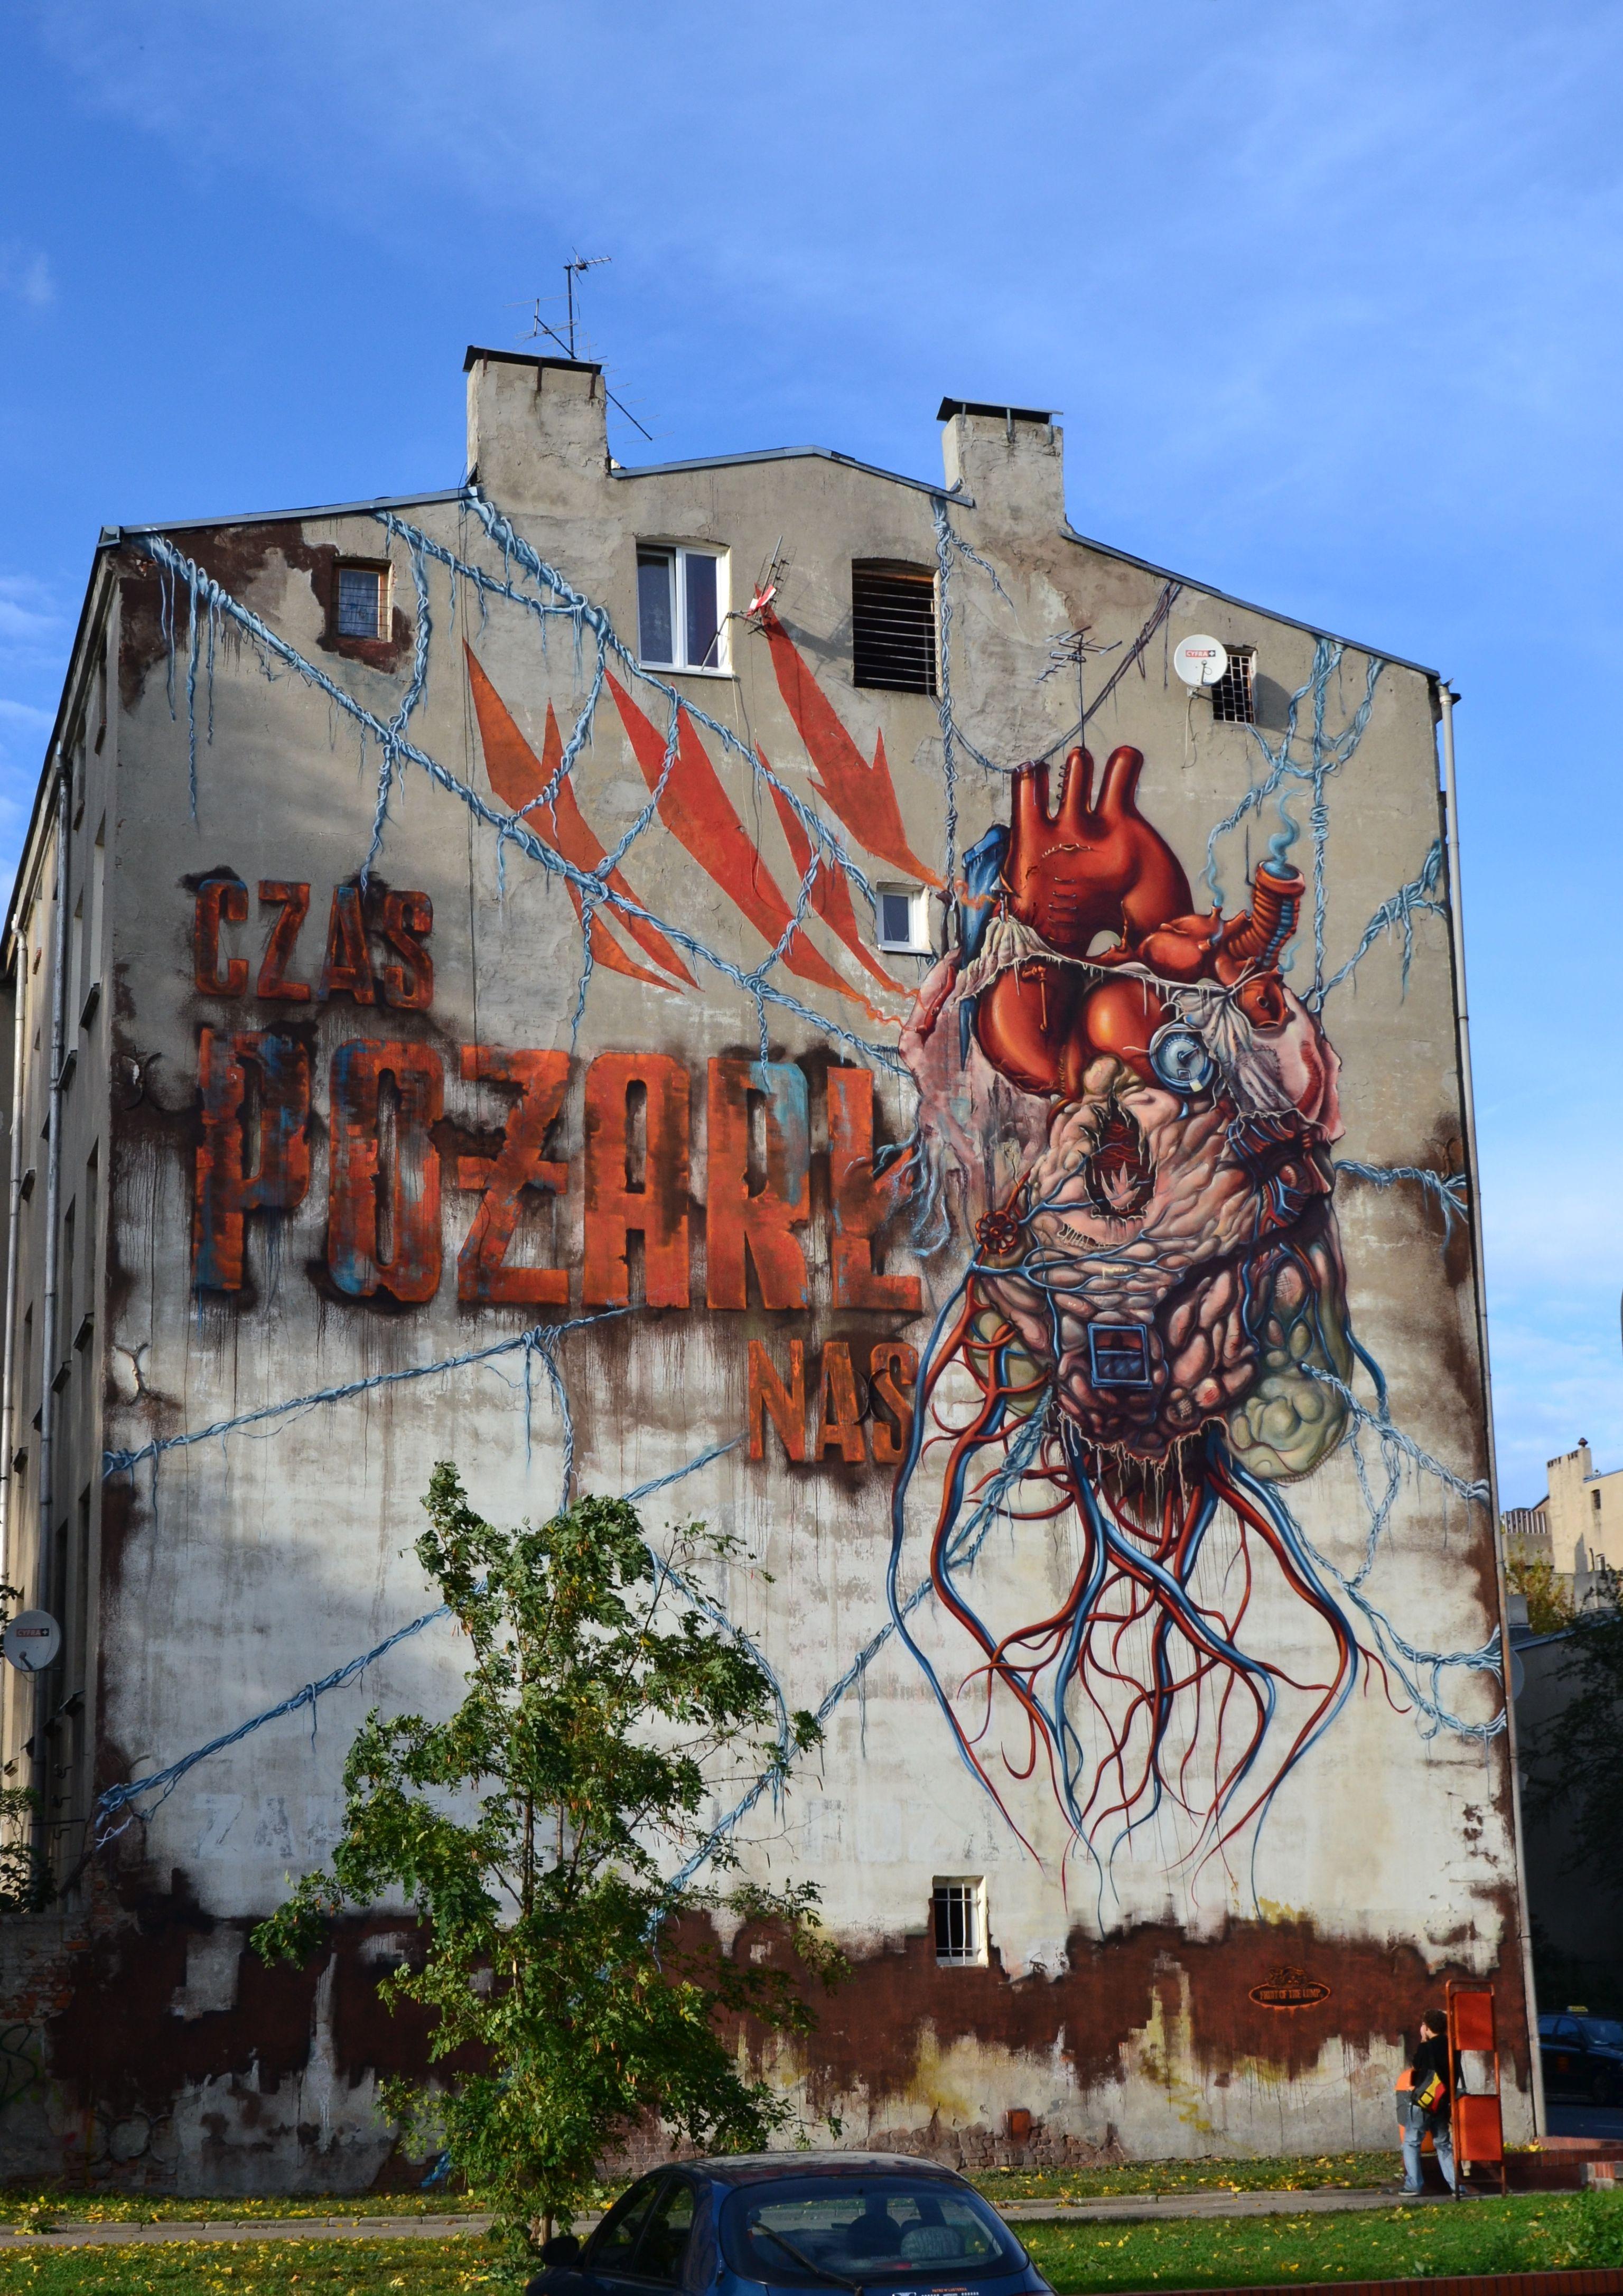 Czas Pozarl Nas By Lump Ul Wolczanska 109 Lodz Mural Wykonany W Ramach Ii Edycji Galerii Miejskiej Urban Forms Street Art Lodz Mural